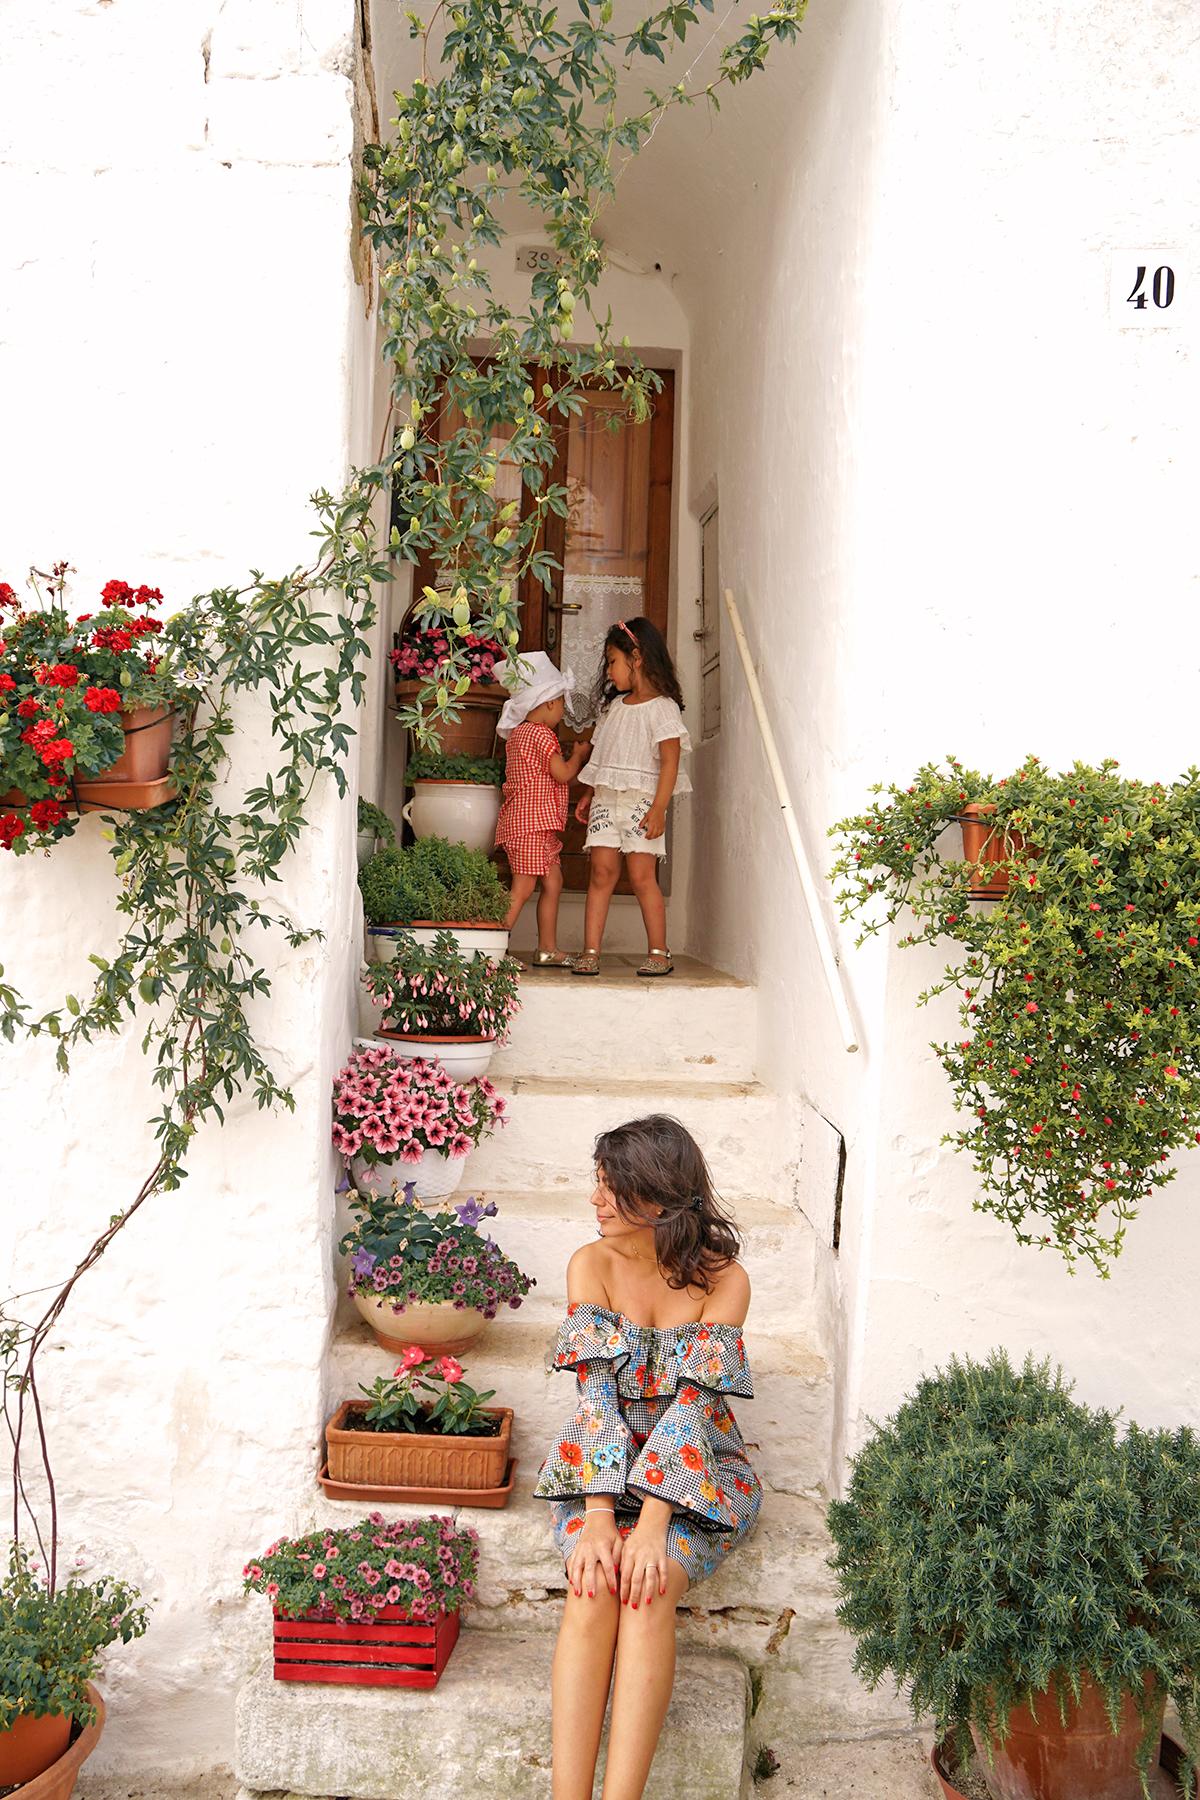 Mère et Petites filles et les pots de fleurs à Alberobello, Pouilles Italie